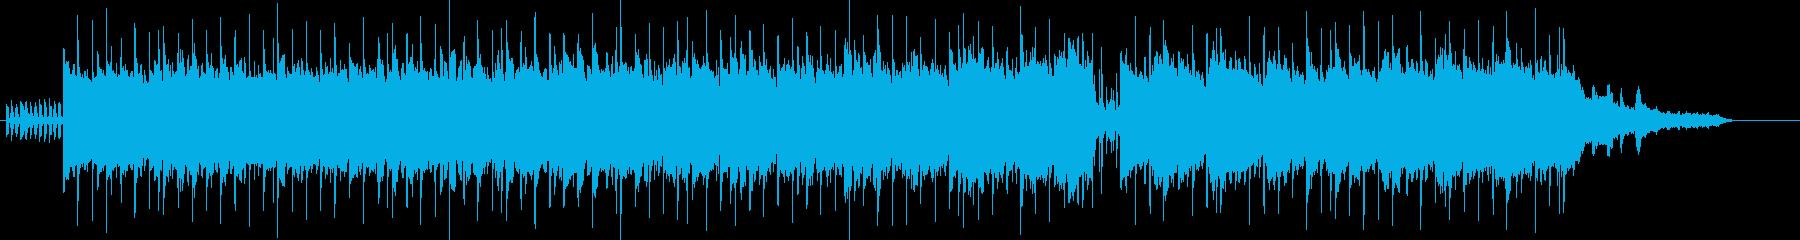 ポップ・バラードの再生済みの波形